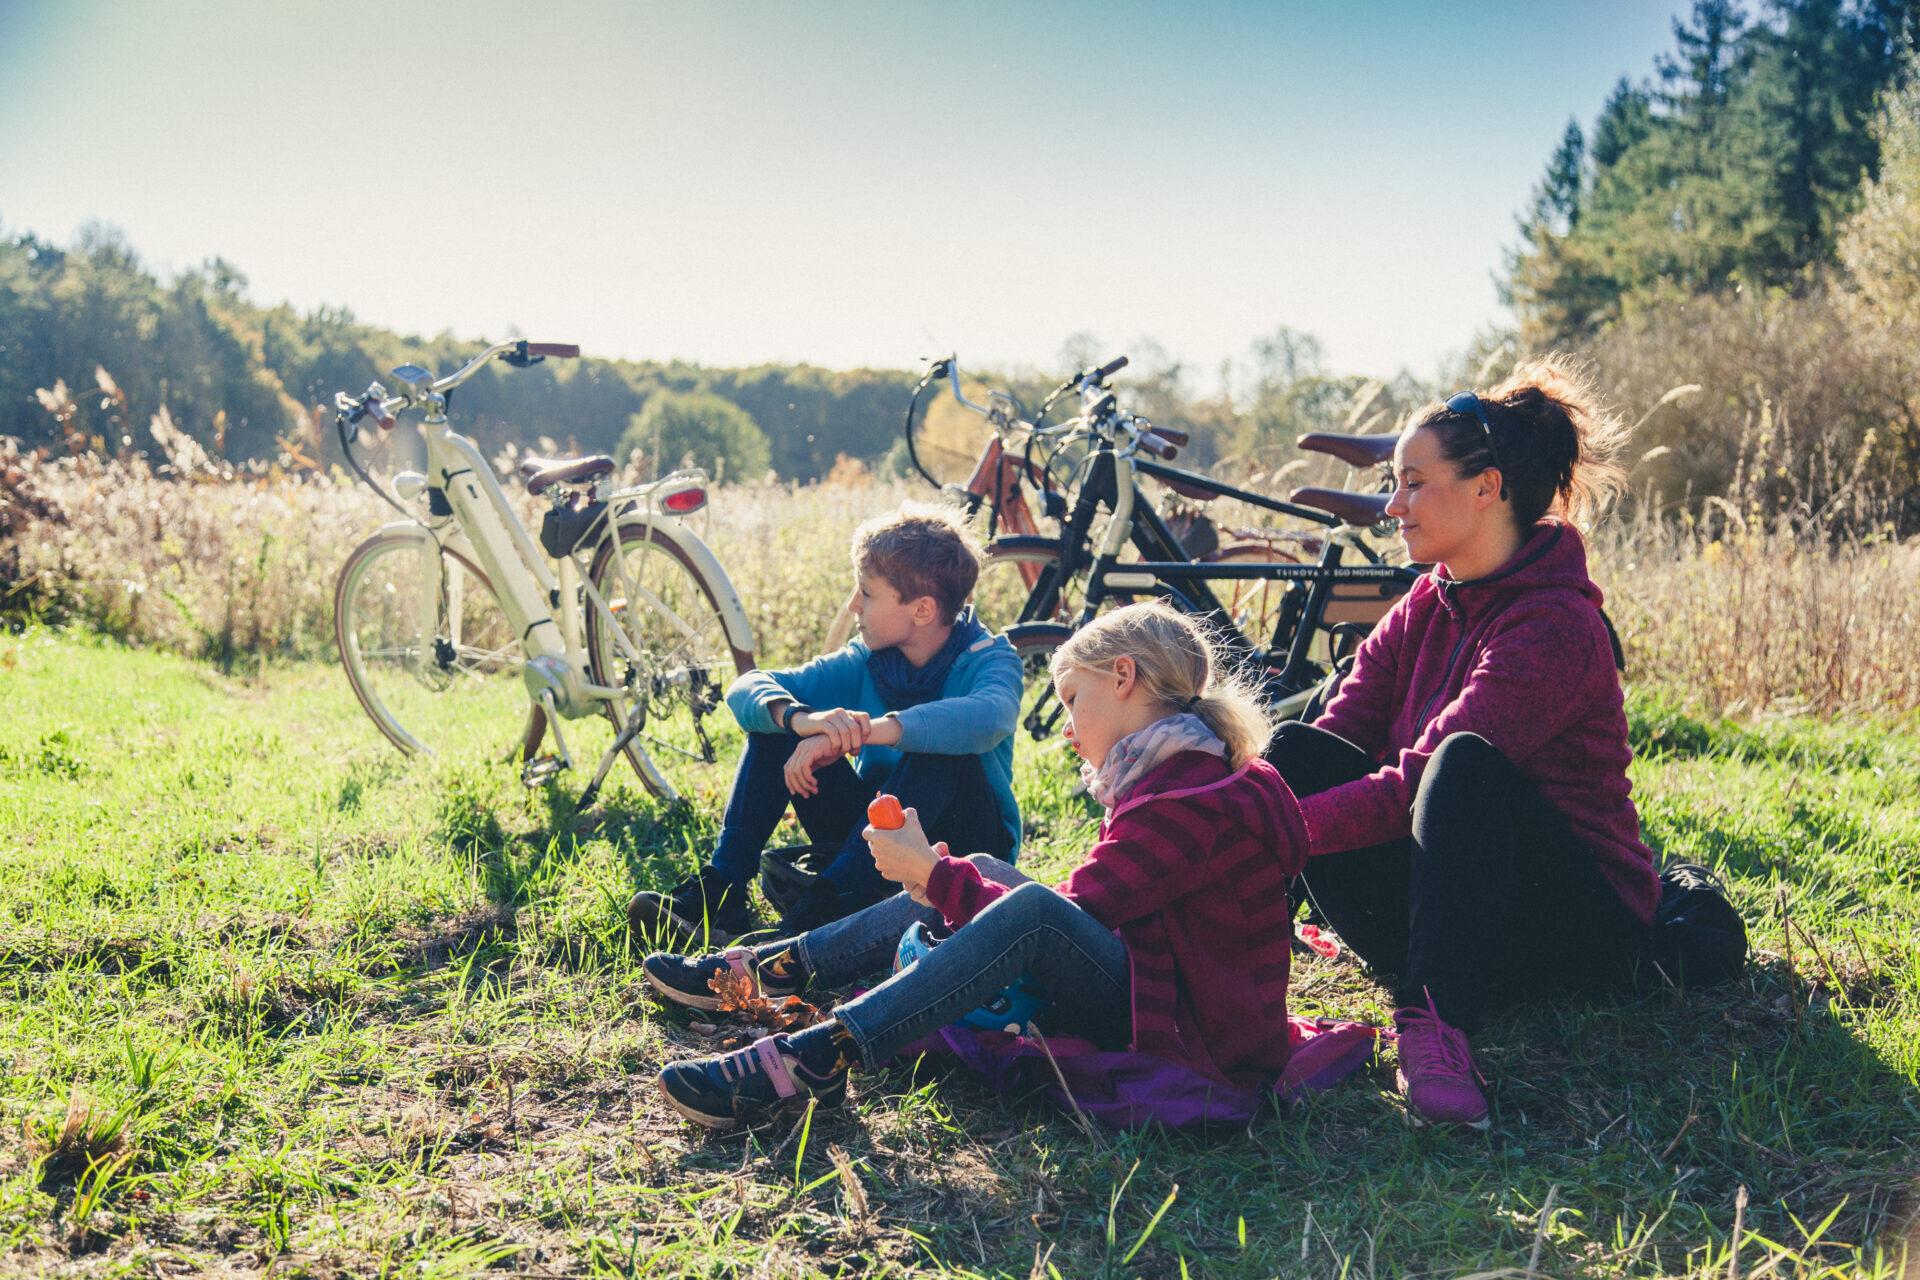 Mutter mit Kindern auf Rad Florian Foest